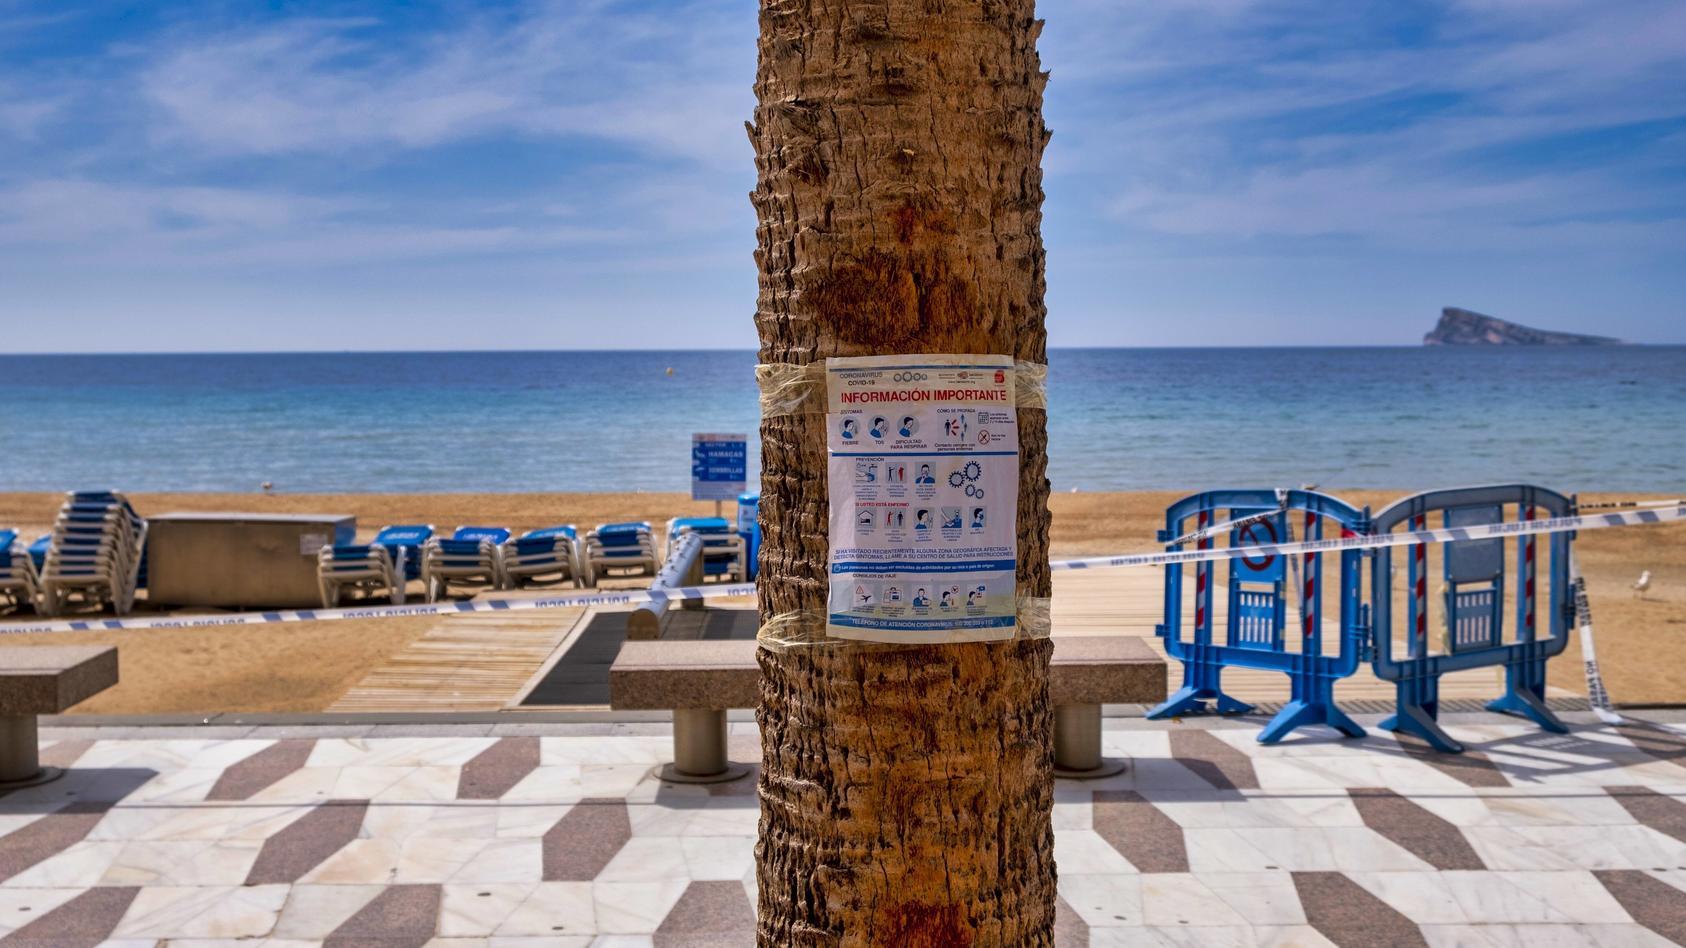 Corona in Spanien Benidorm, Alicante Spanien, 4.5.2020, Coronakrise: Hinweise zur Hygiene und zur Sicherheit auf einem